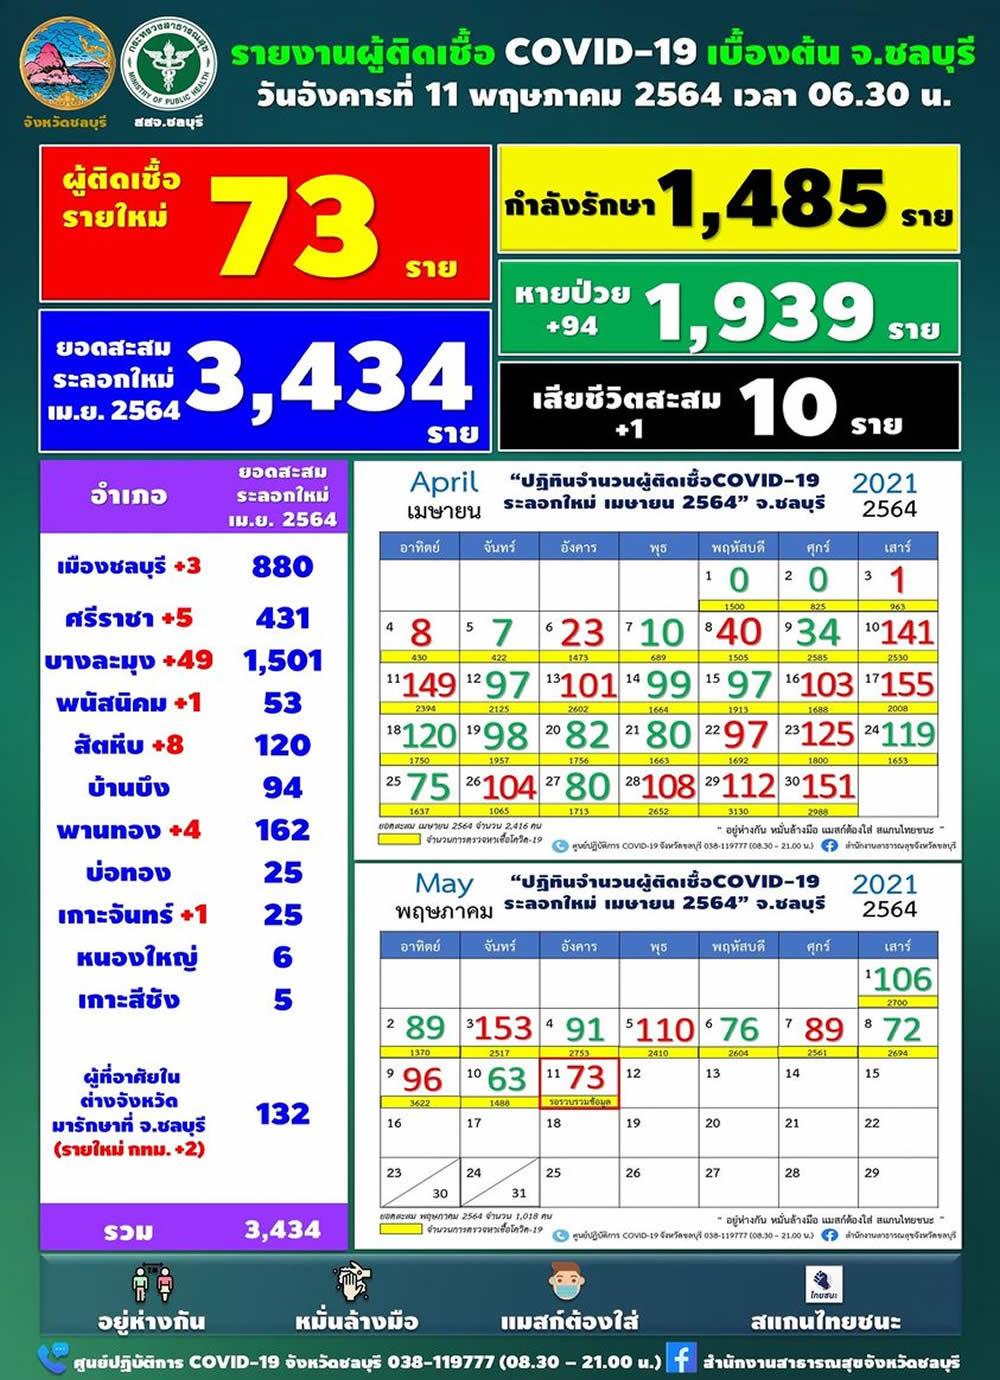 チョンブリ県 新規陽性者は73人/死亡1人[2021年5月11日発表]